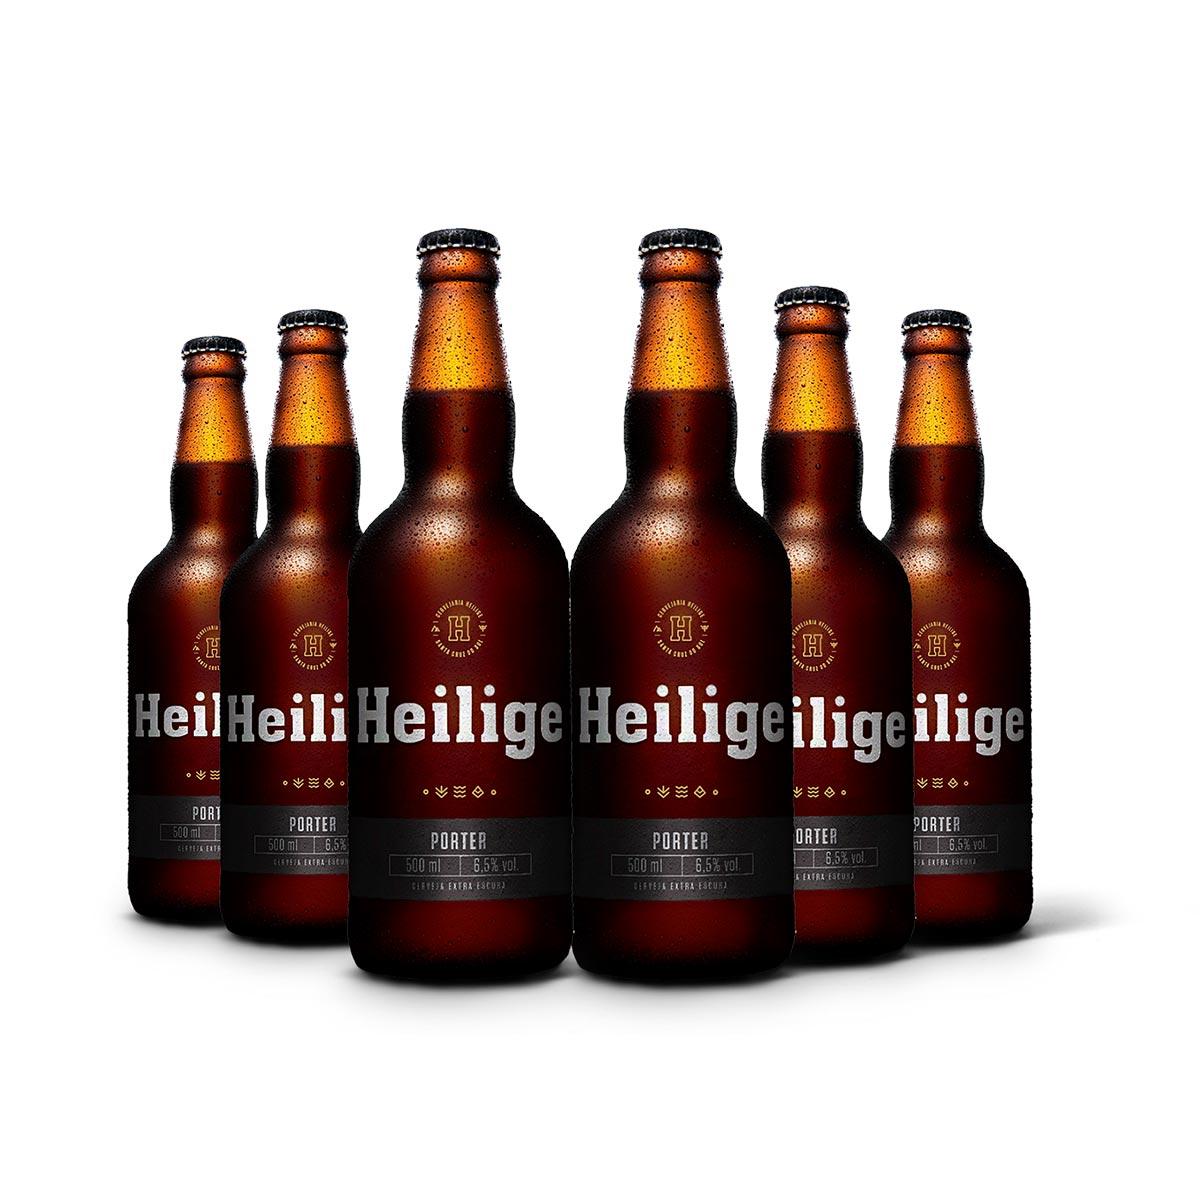 Pack Heilige Porter 6 cervejas 500ml